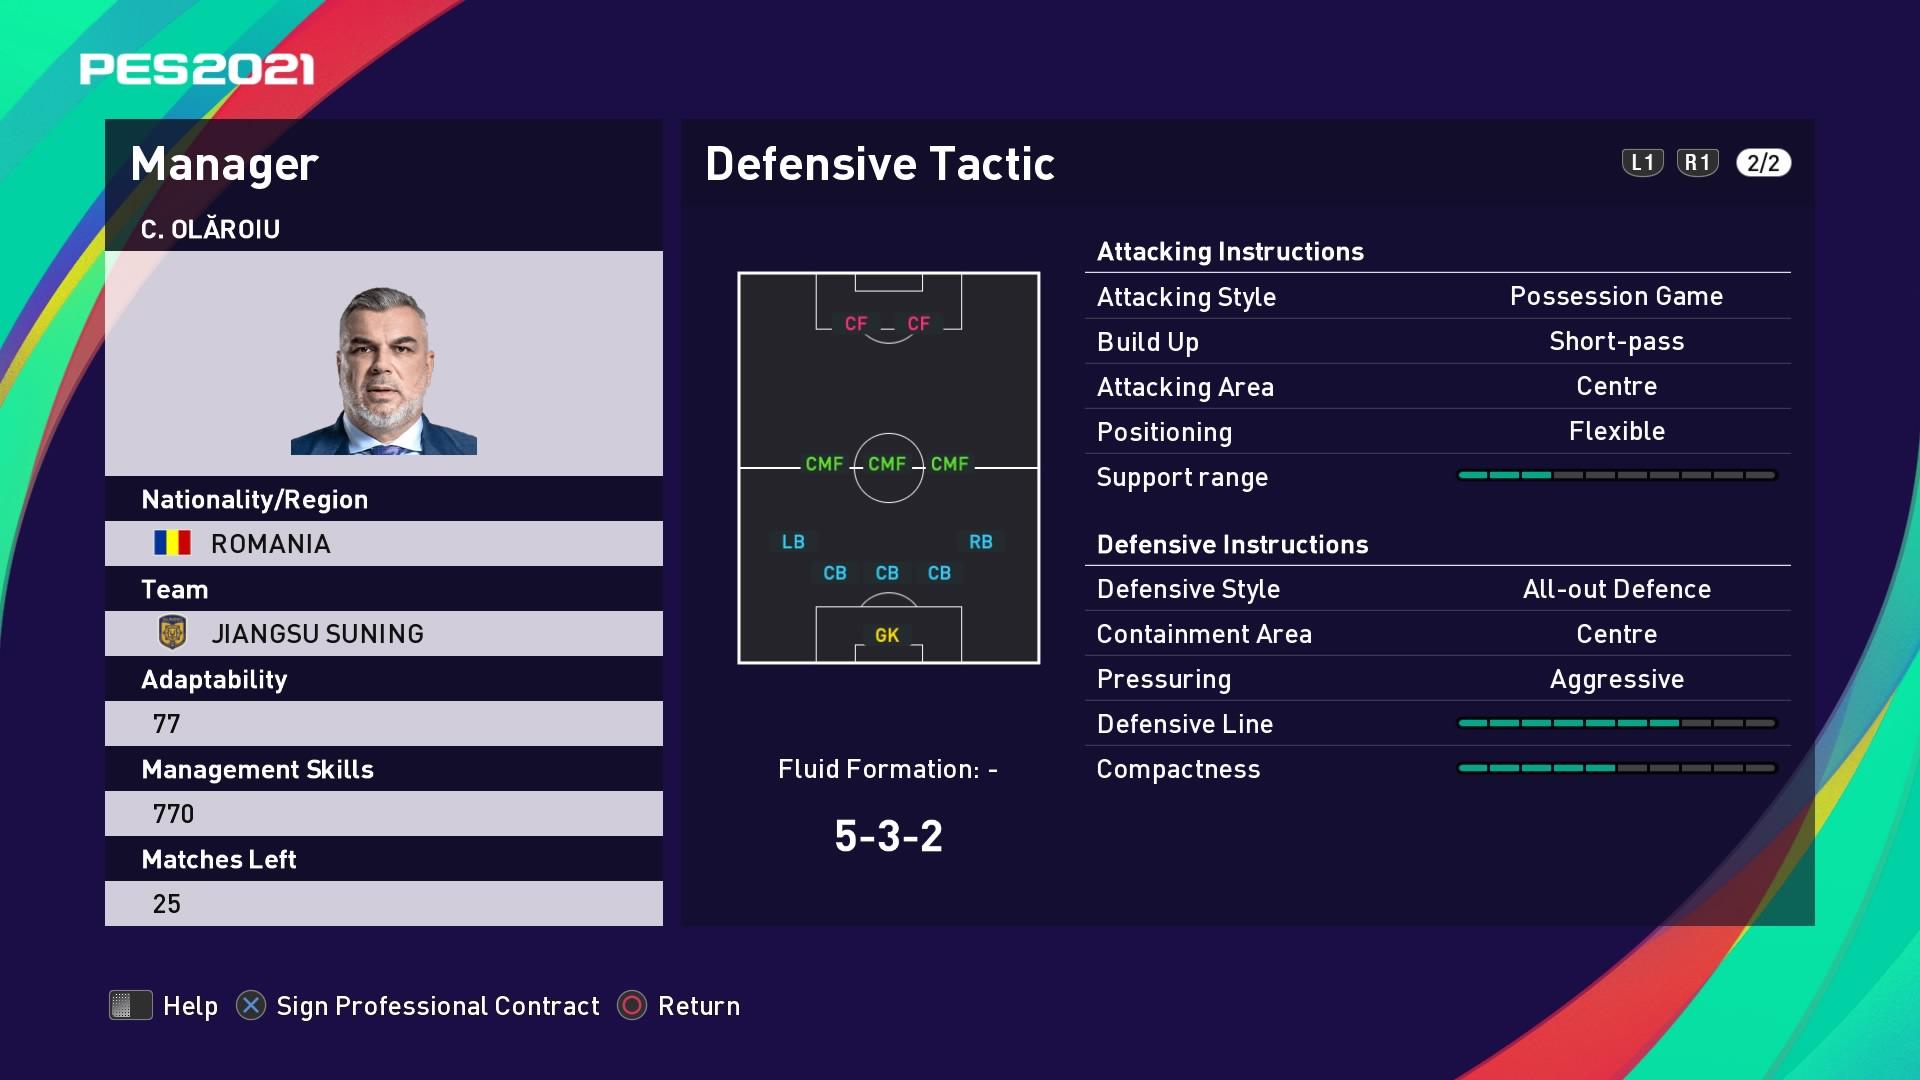 C. Olăroiu (2) (Cosmin Olăroiu) Defensive Tactic in PES 2021 myClub